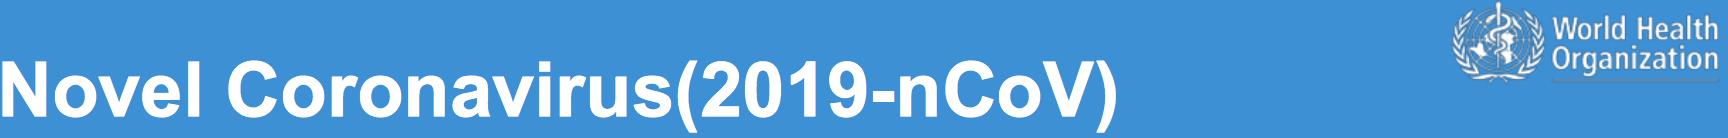 Screen Shot 2020 09 13 At 12.41.26 1